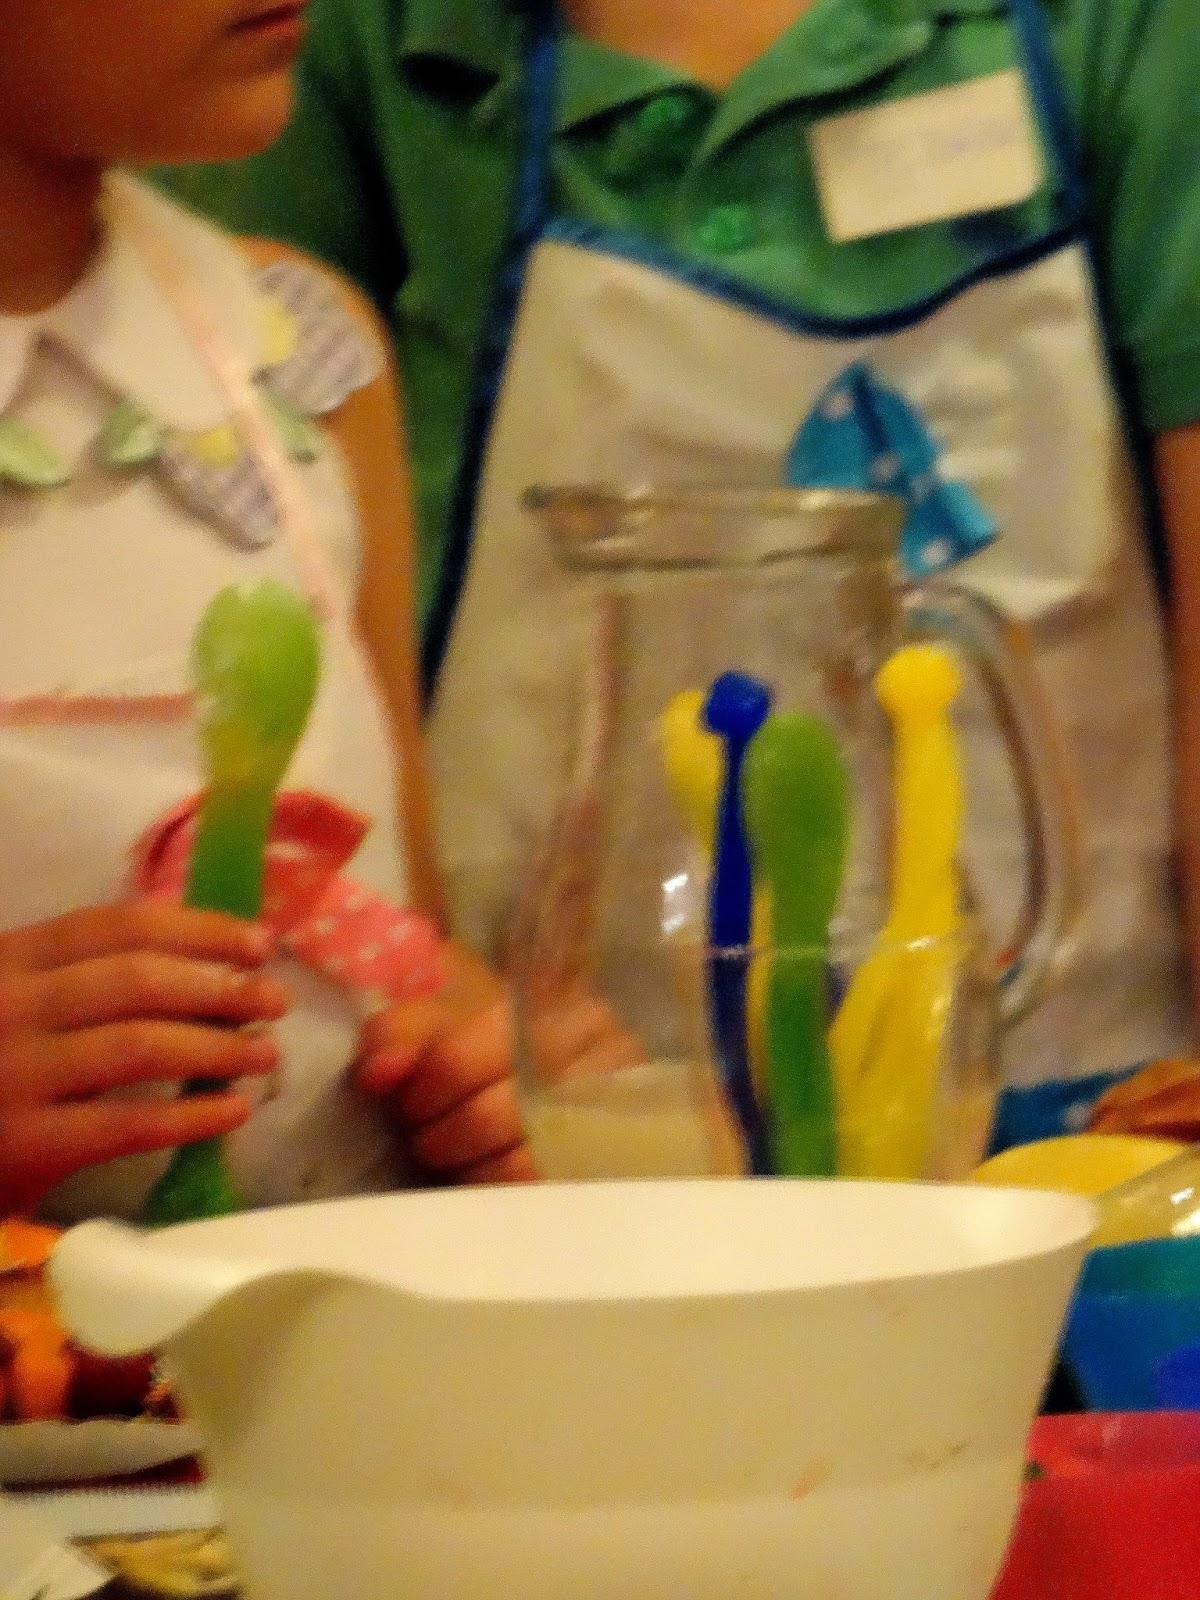 Warsztaty kulinarne, Dzieciaki w Formie, Joanna Mentel, Book me a Cookie, księganie Bona